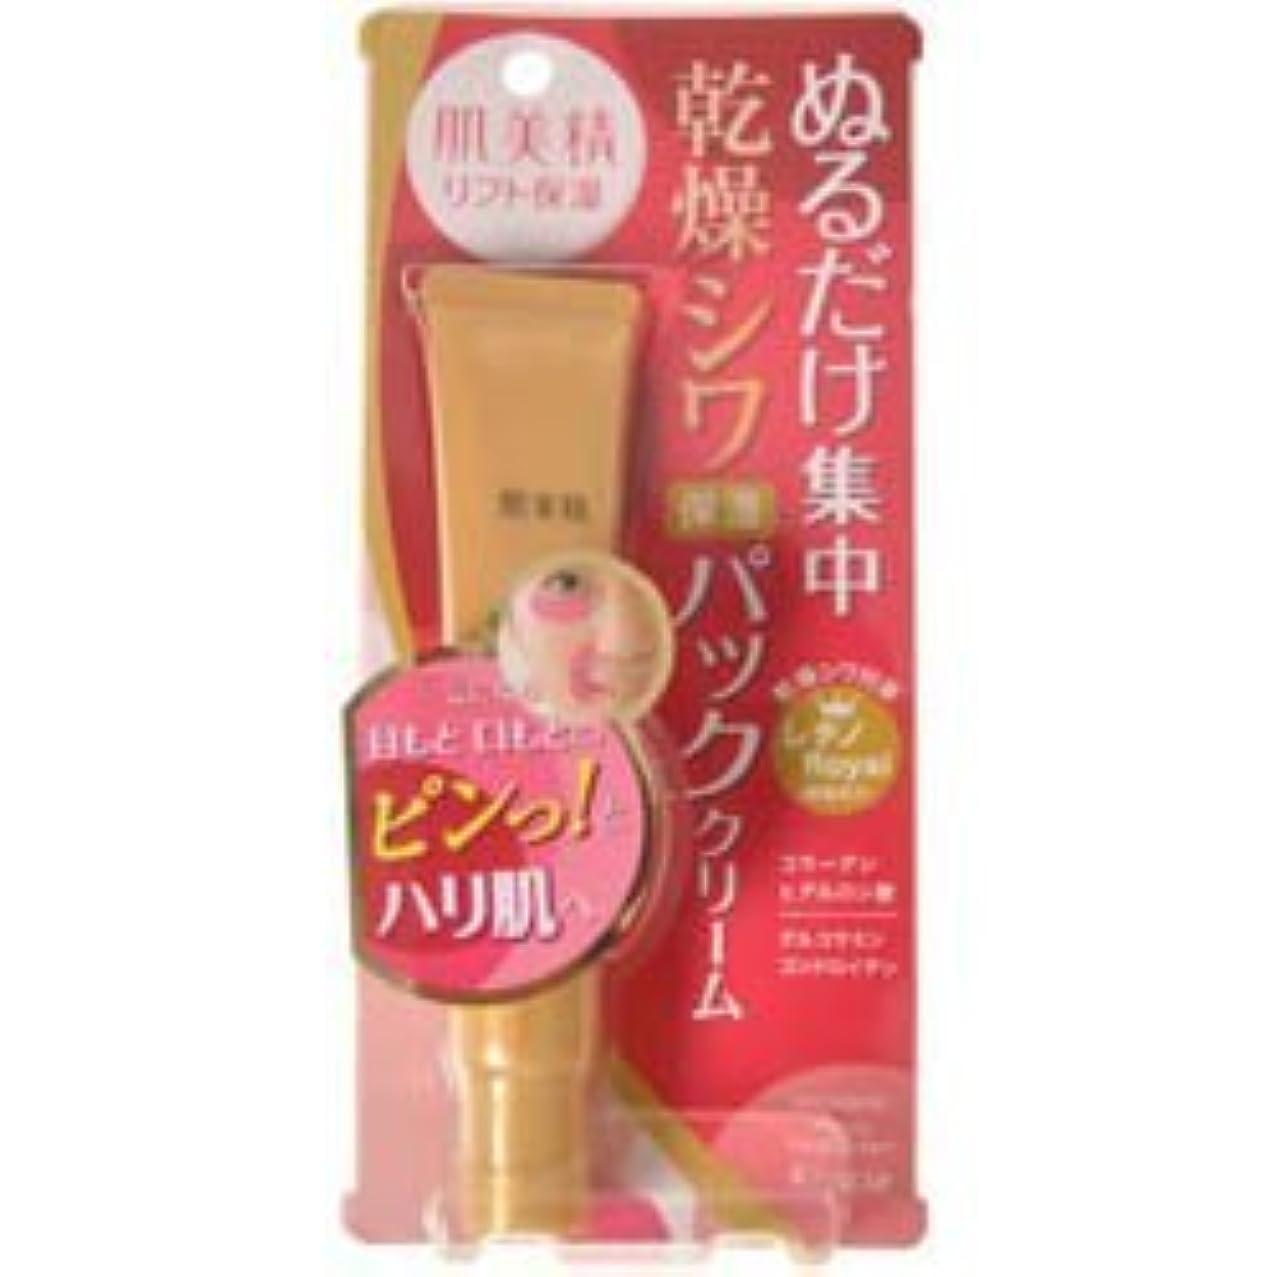 スモッグ迷惑に応じて【クラシエ】肌美精 リフト保湿リンクルパッククリーム 30g ×5個セット